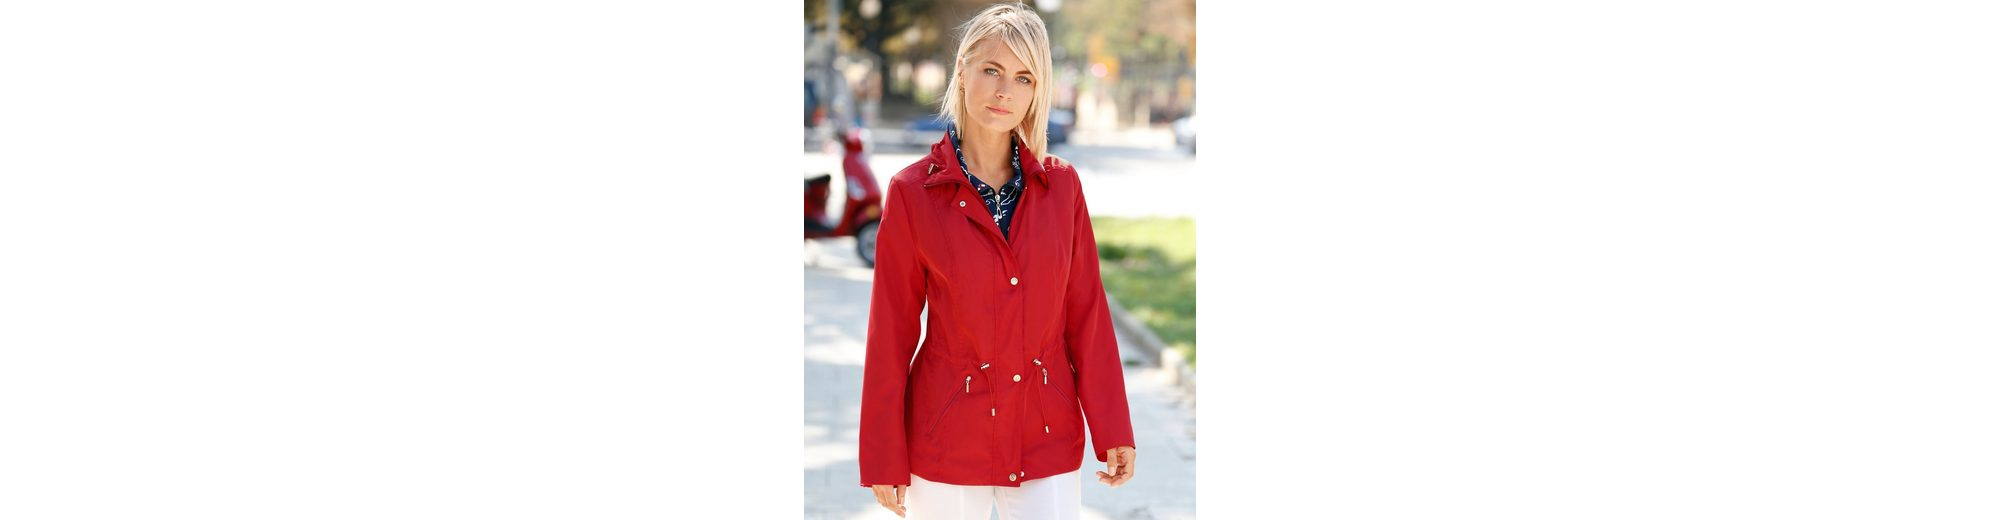 Dress In Jacke mit Umlegekragen sowie Kordelzug und Stopper Rabatt Angebote ldnnAGM